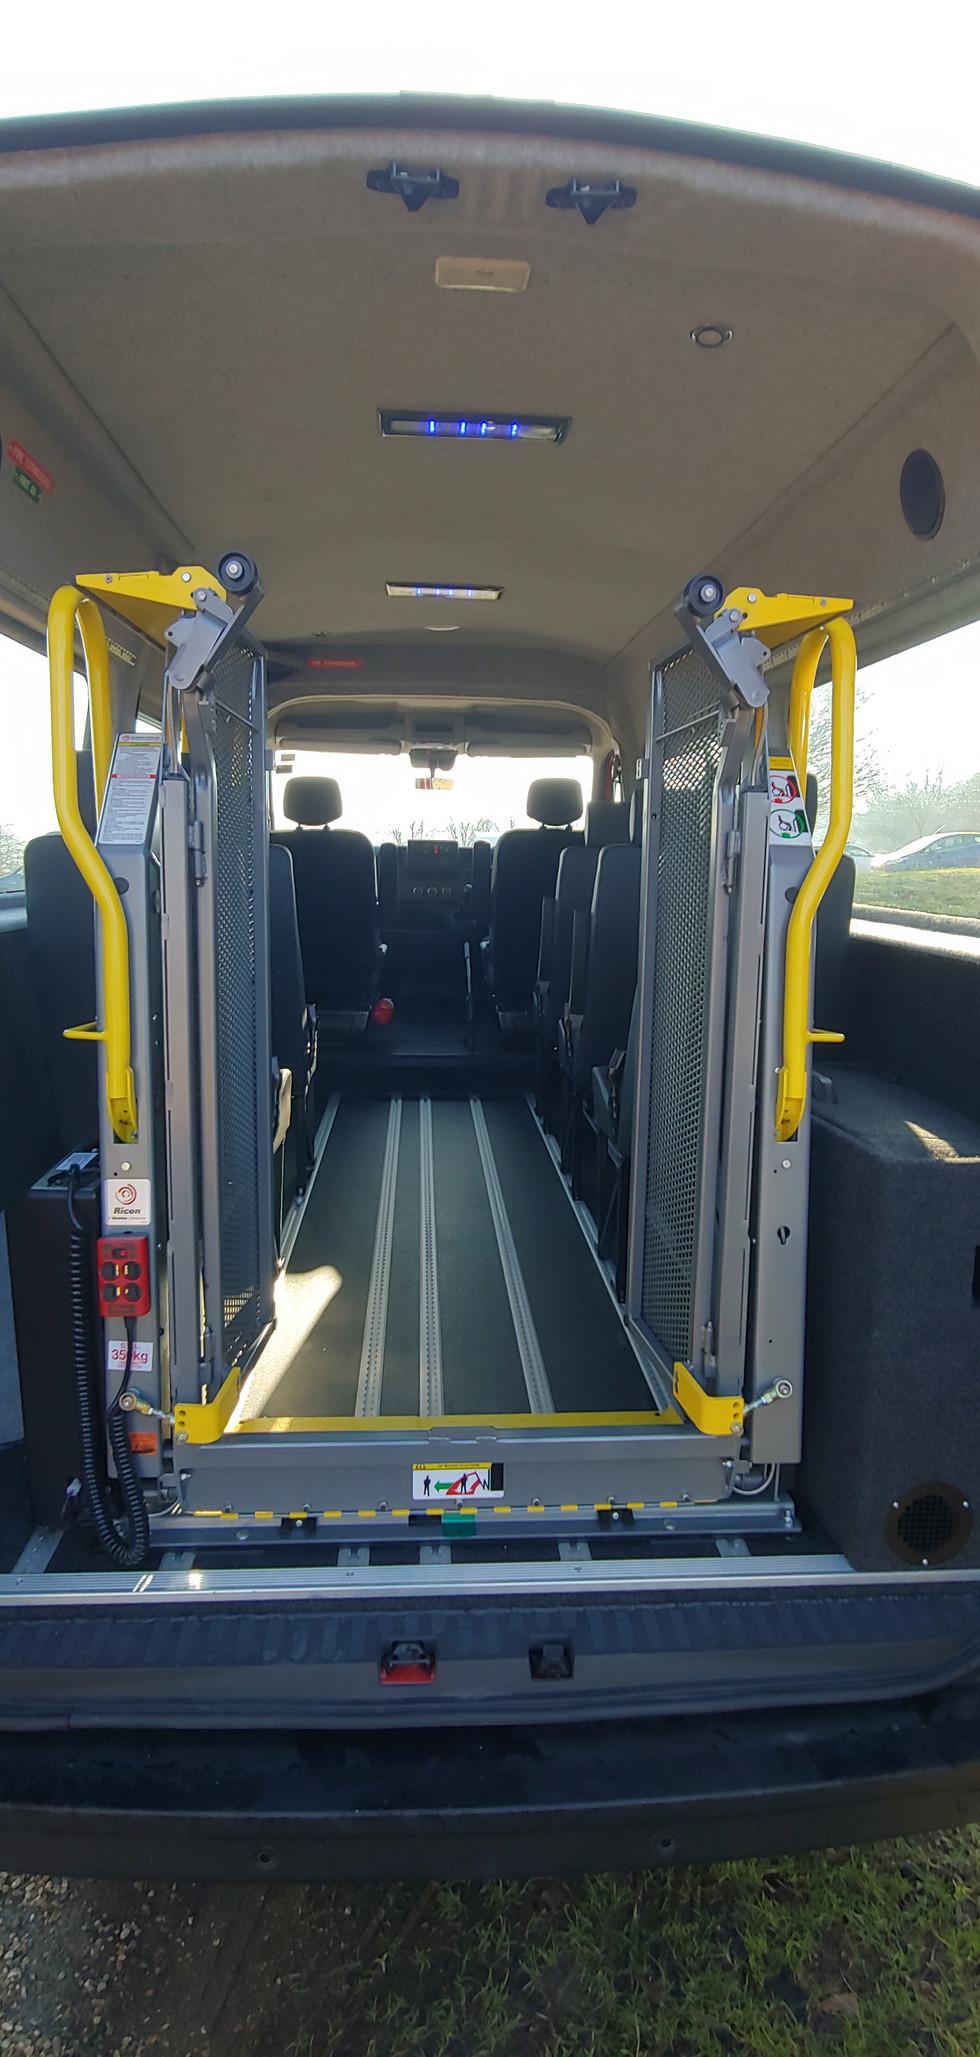 Ricon tail lift in Warnerbus Minibus conversion